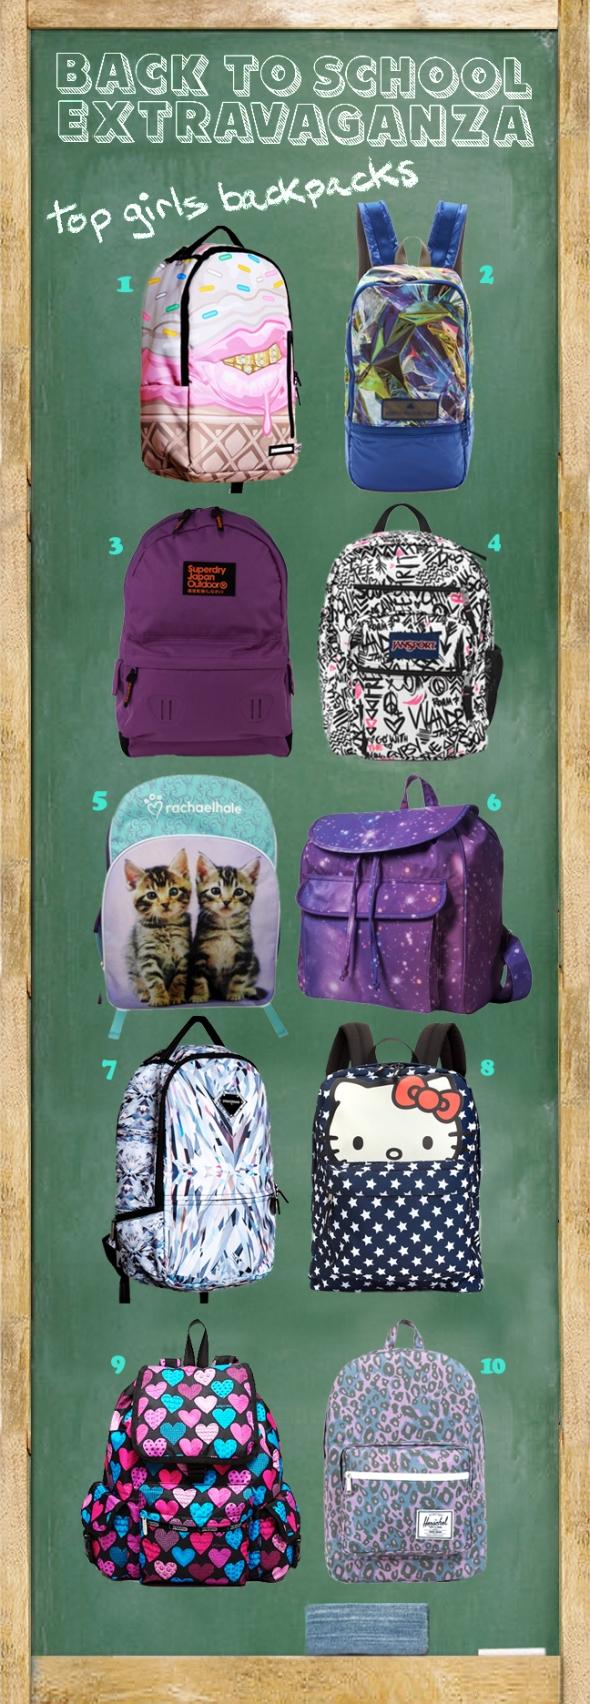 backpacks-girls